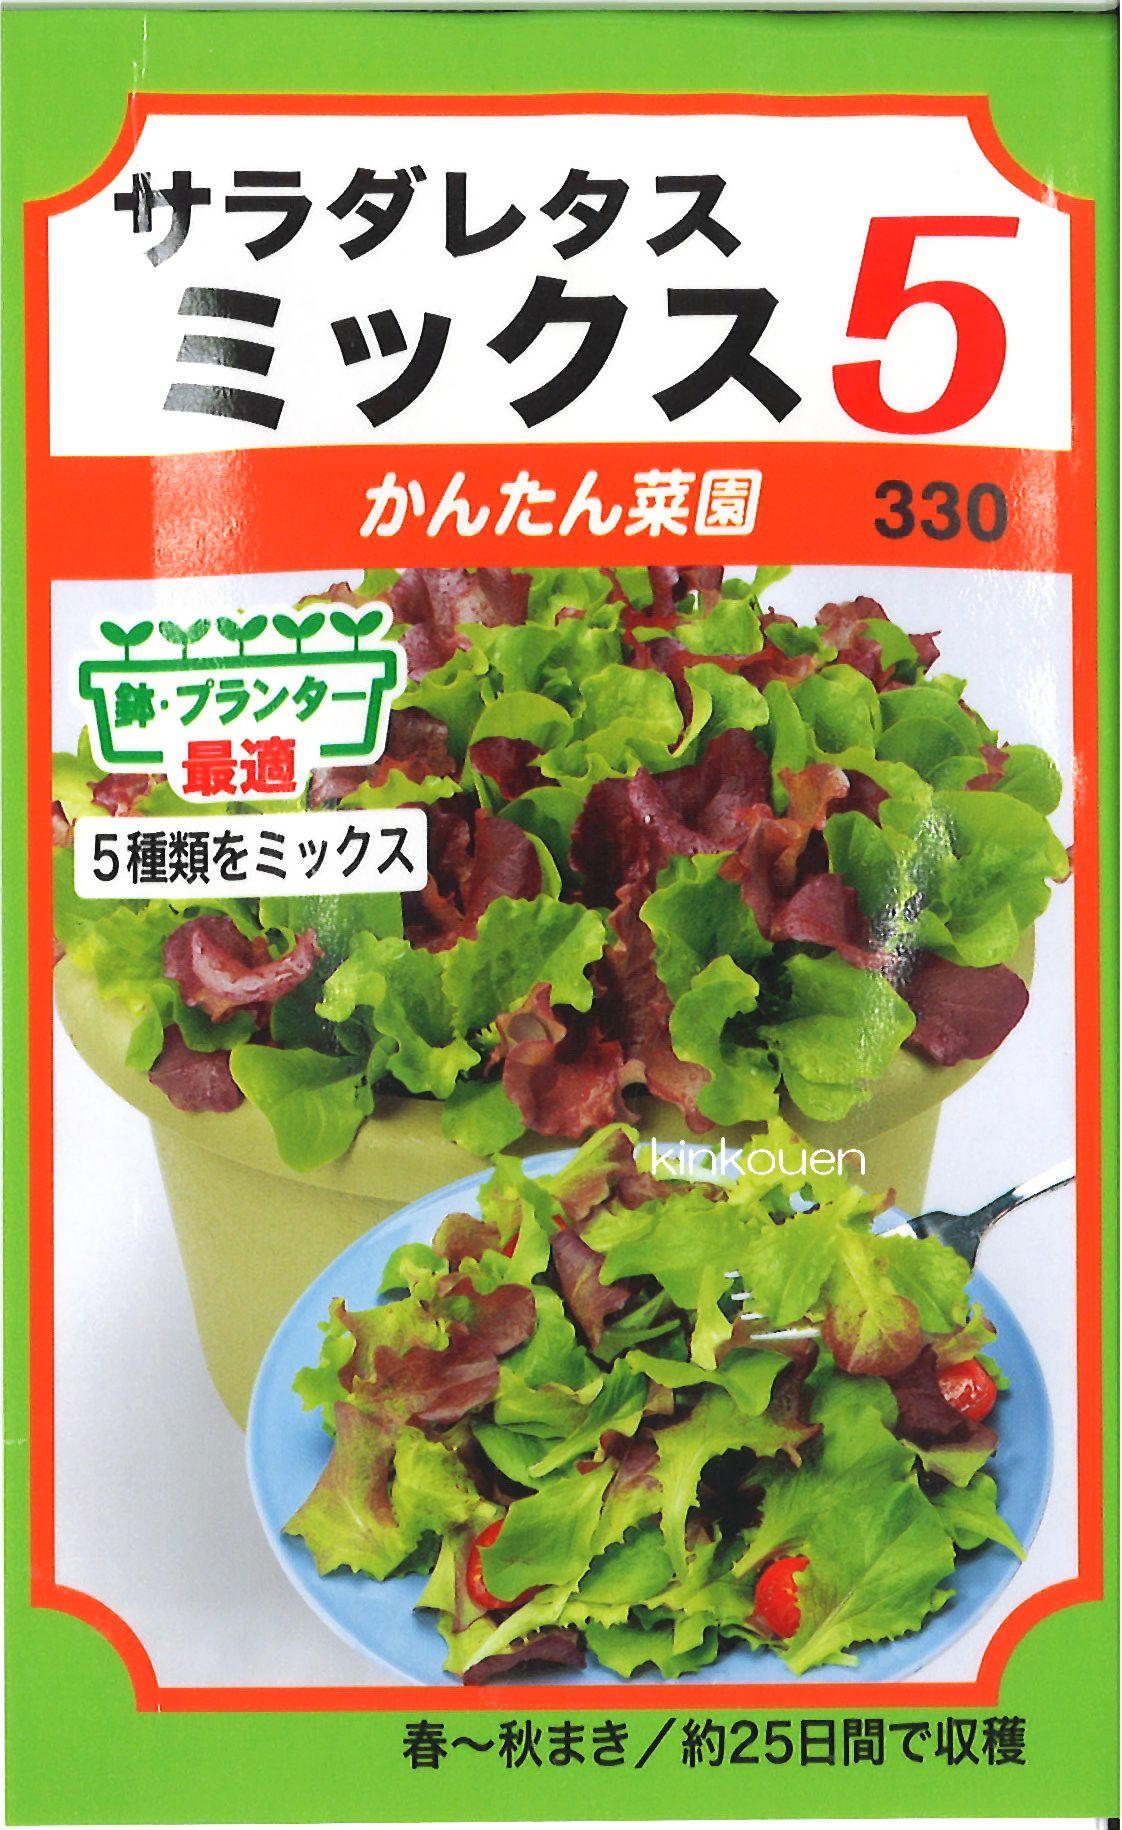 【代引不可】【5袋まで送料80円】 □サラダレタスミックス5